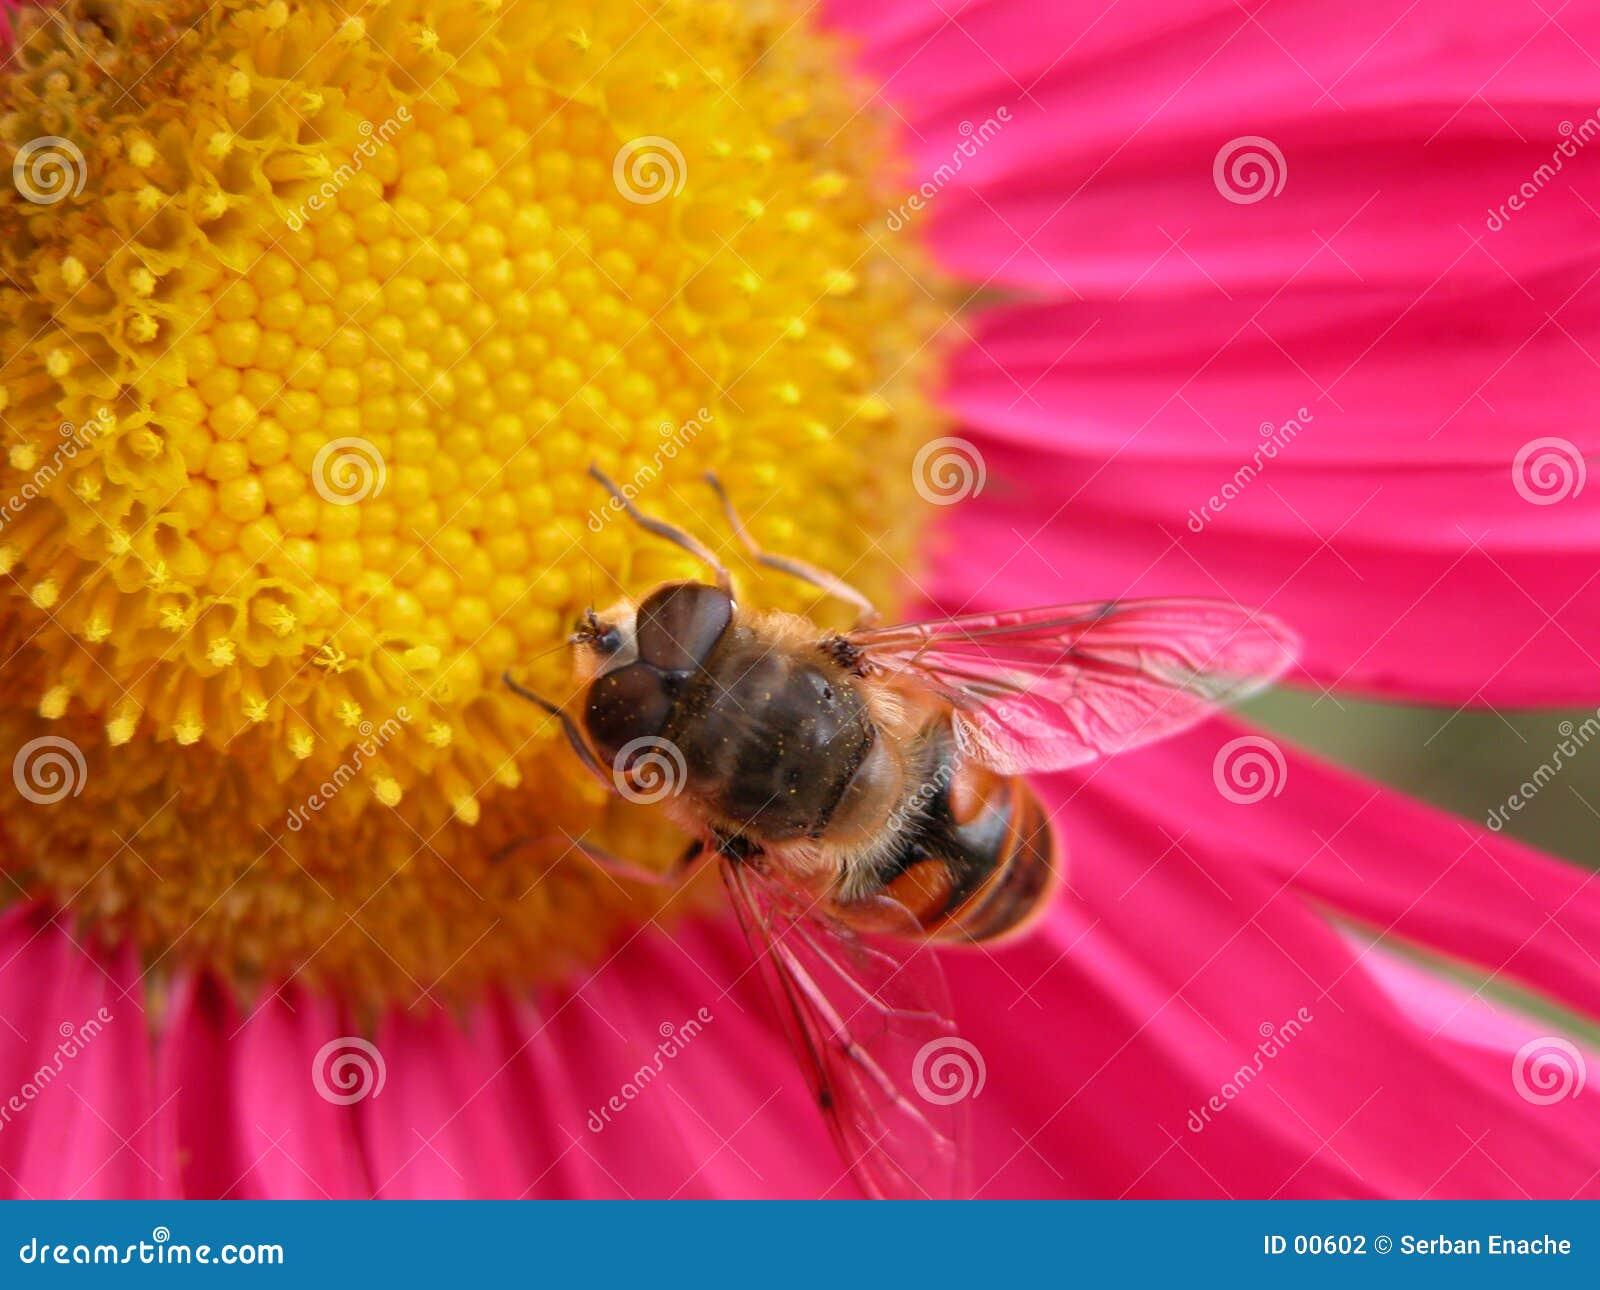 Biene auf einer rosafarbenen Blume 1